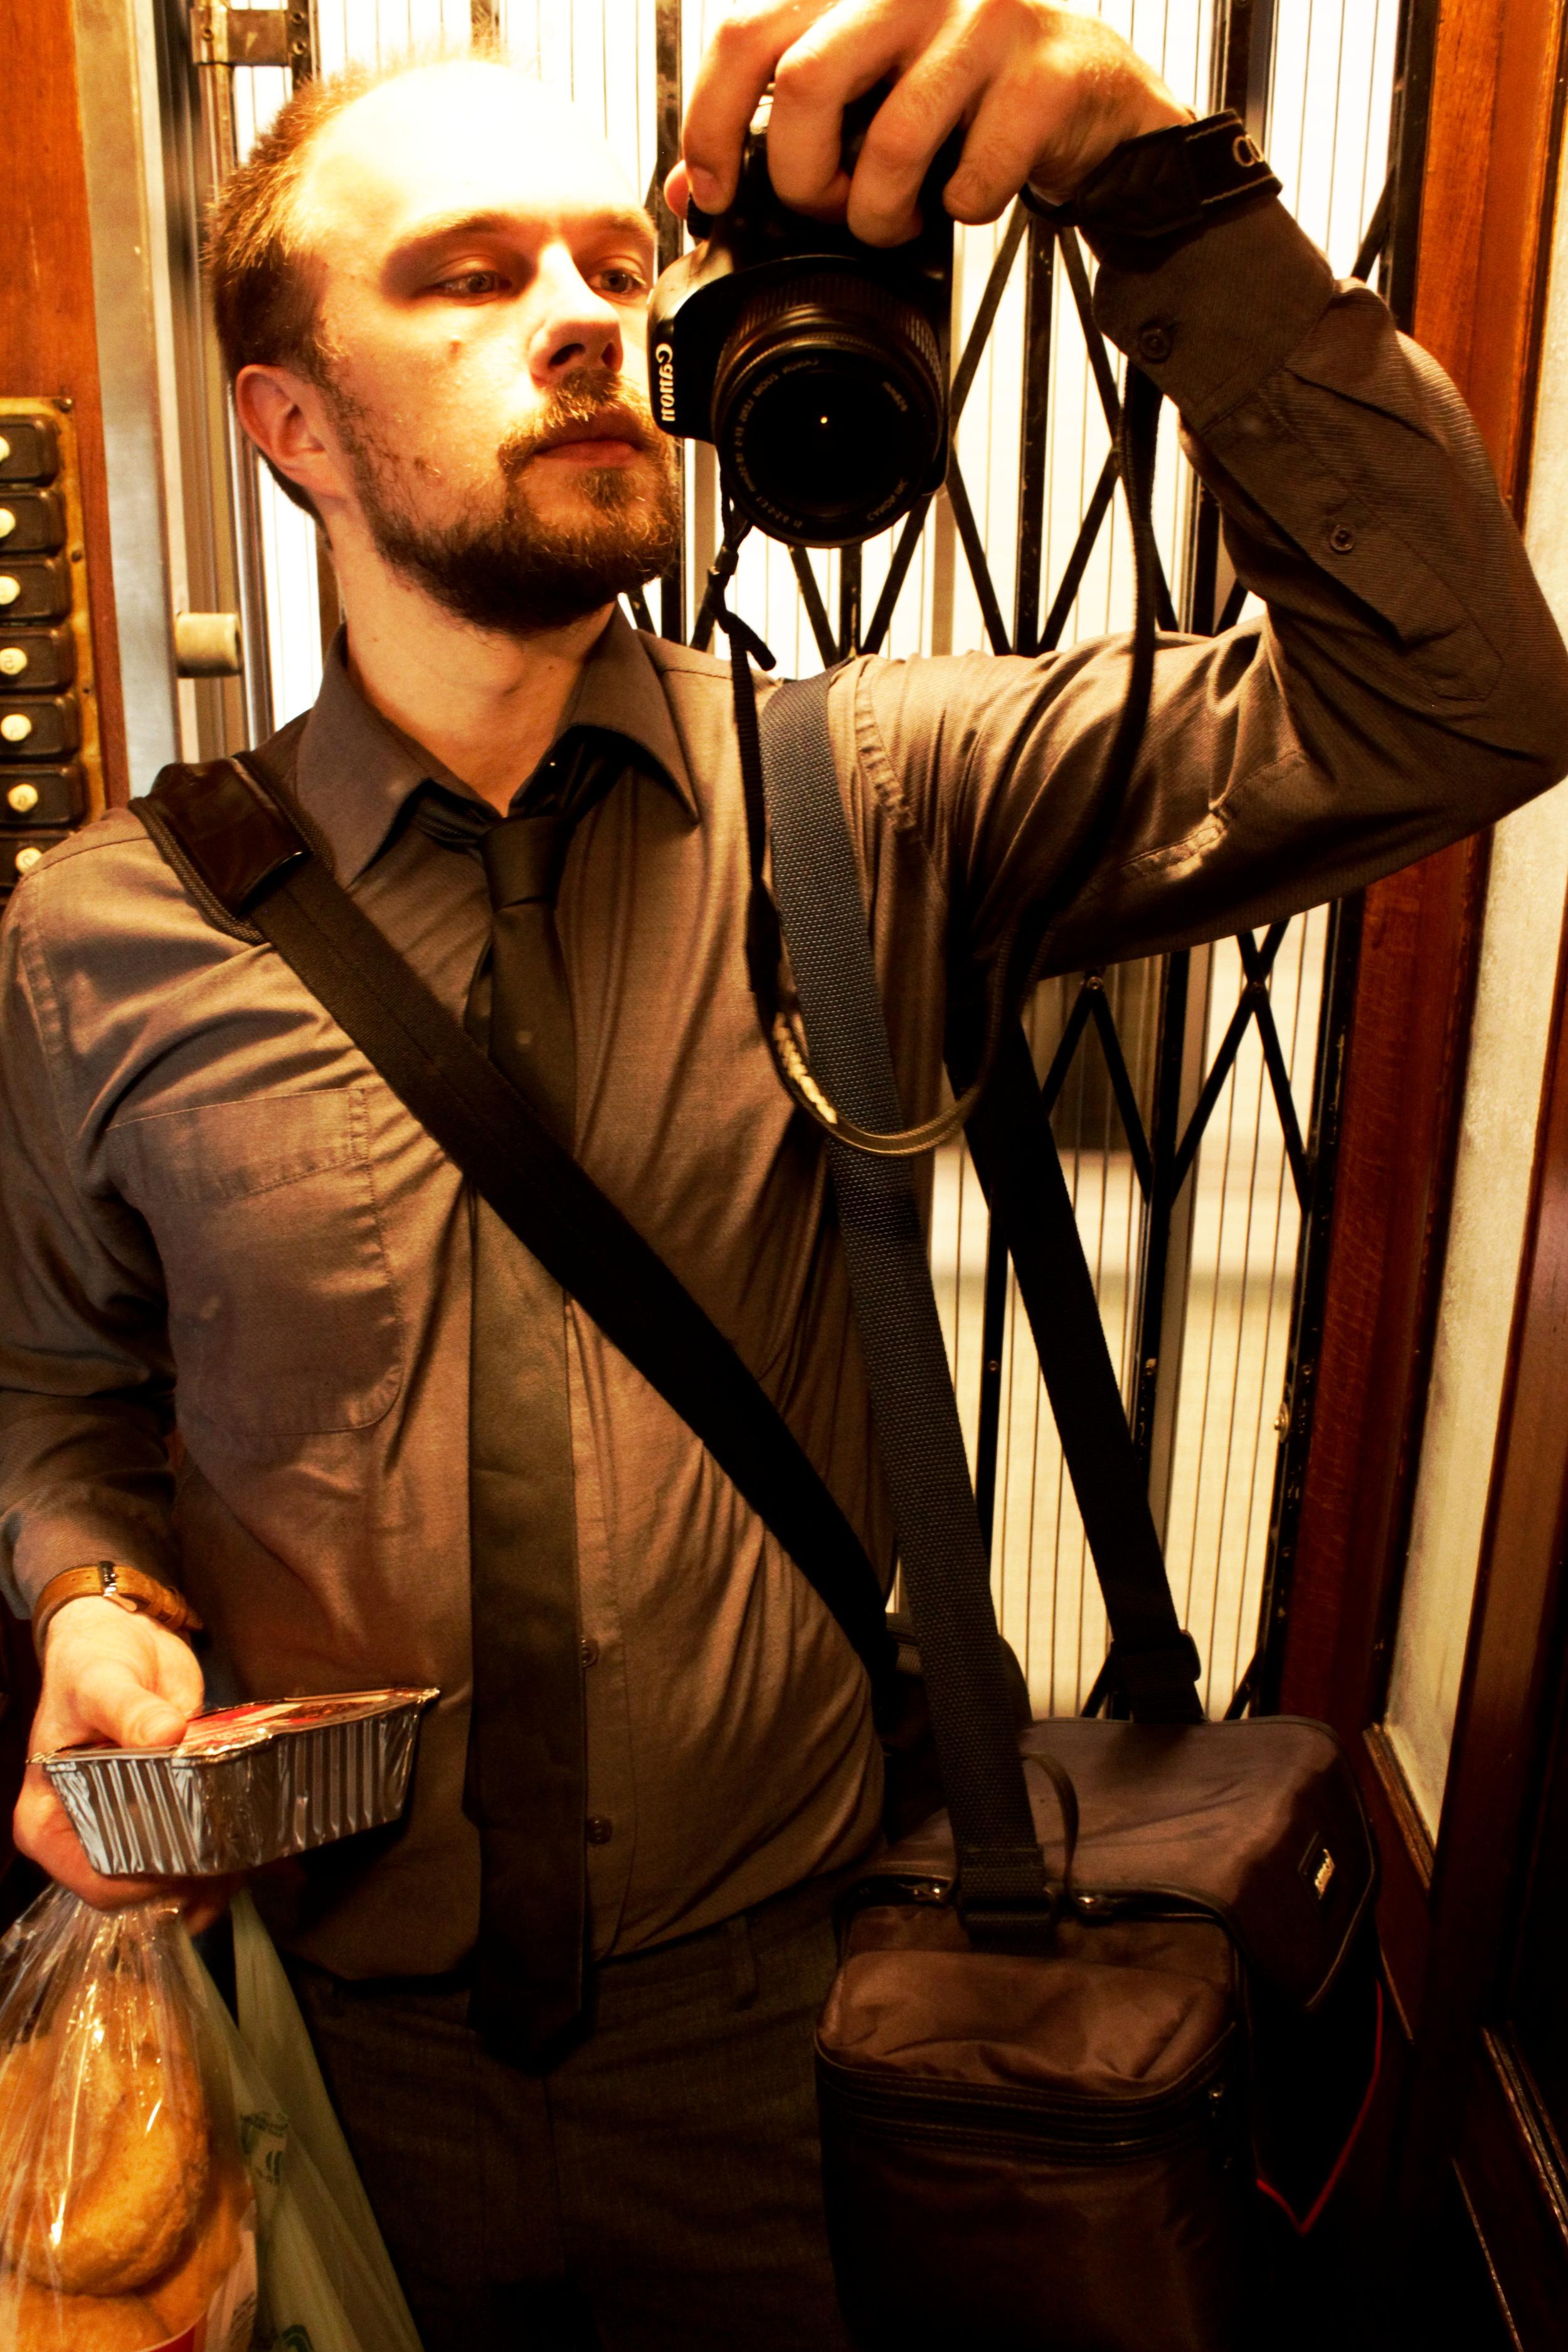 inhimillinen muotiblogi mies ja peili lemmi henrik ihminen.JPG